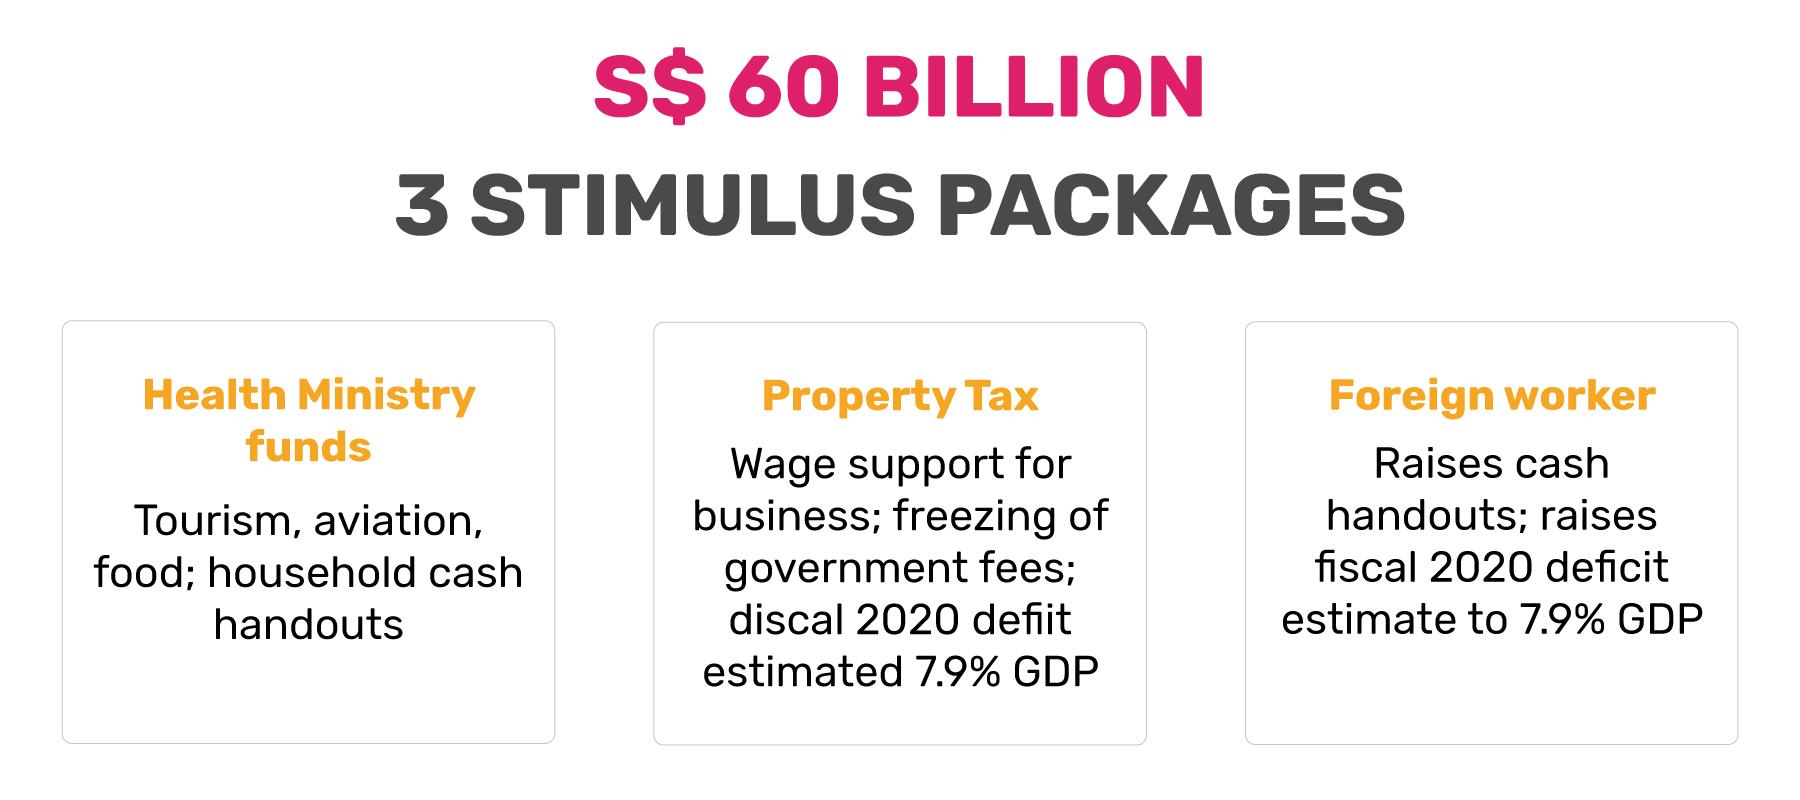 60billion-stimulus-packages-02